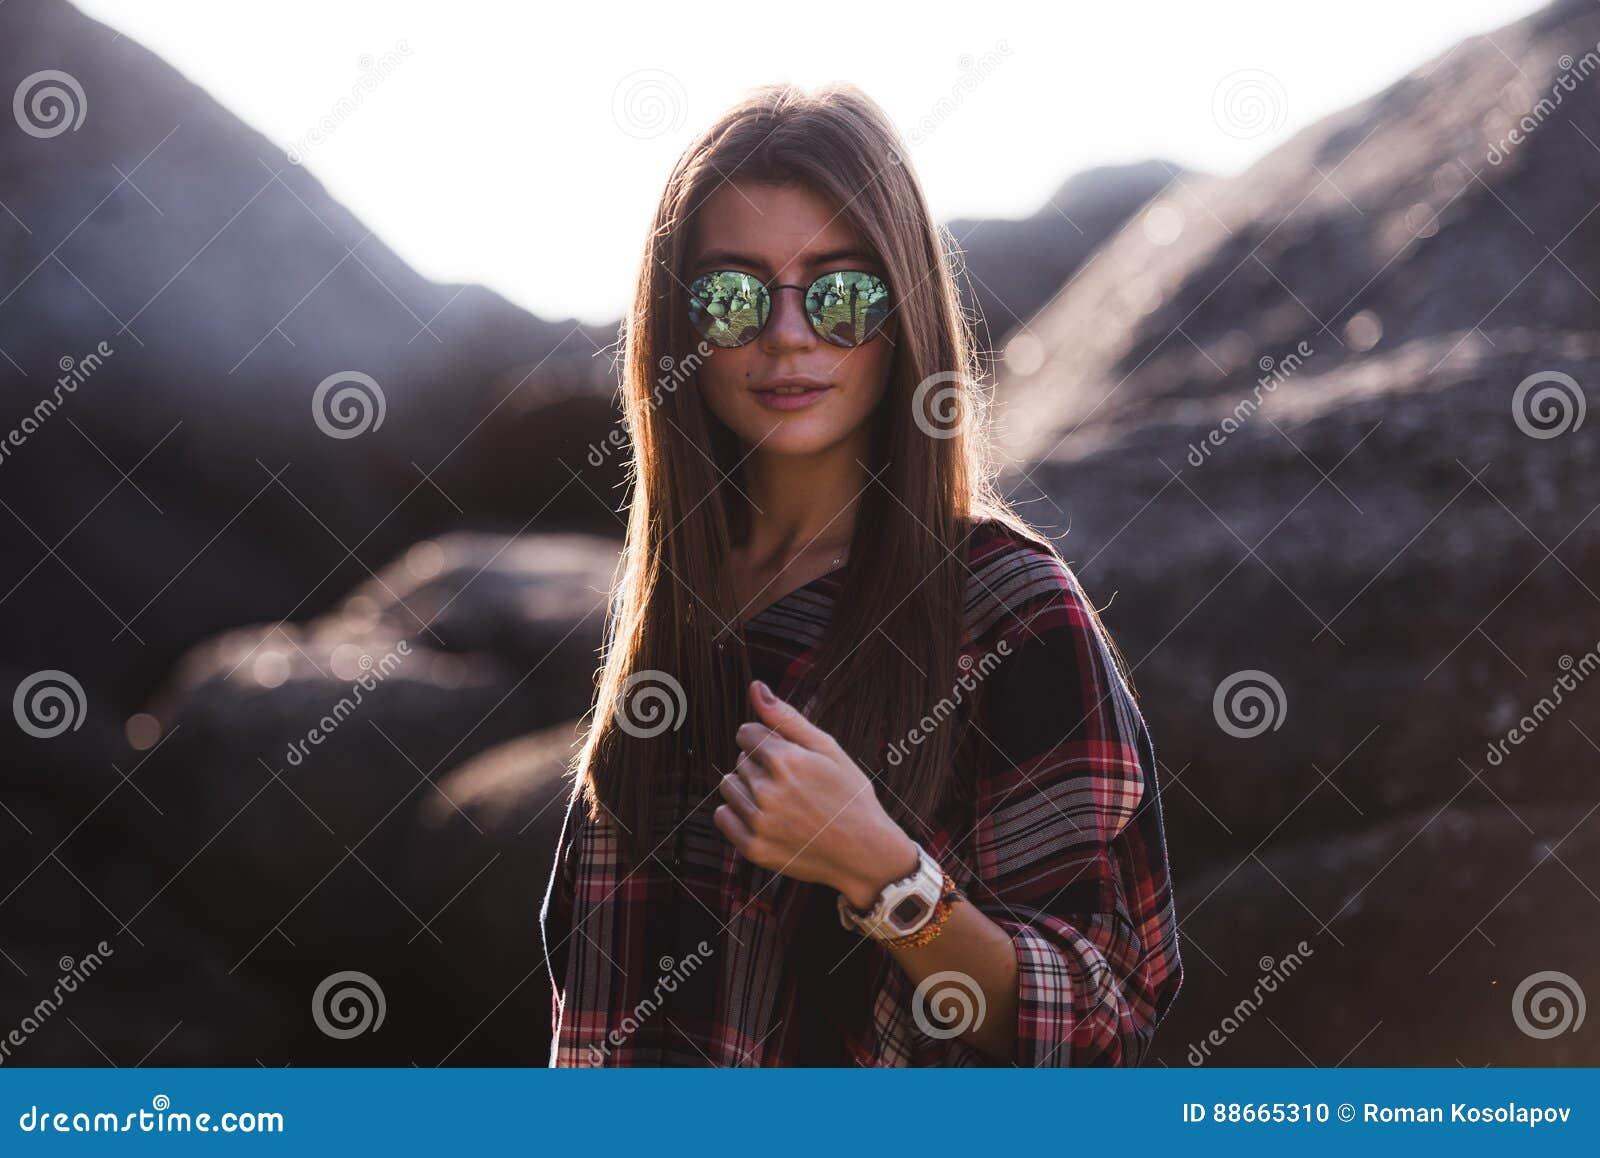 Plenerowy moda wizerunek elegancka młoda dama, modny Stylu życia portret oszałamiająco modniś dziewczyna, być ubranym elegancki